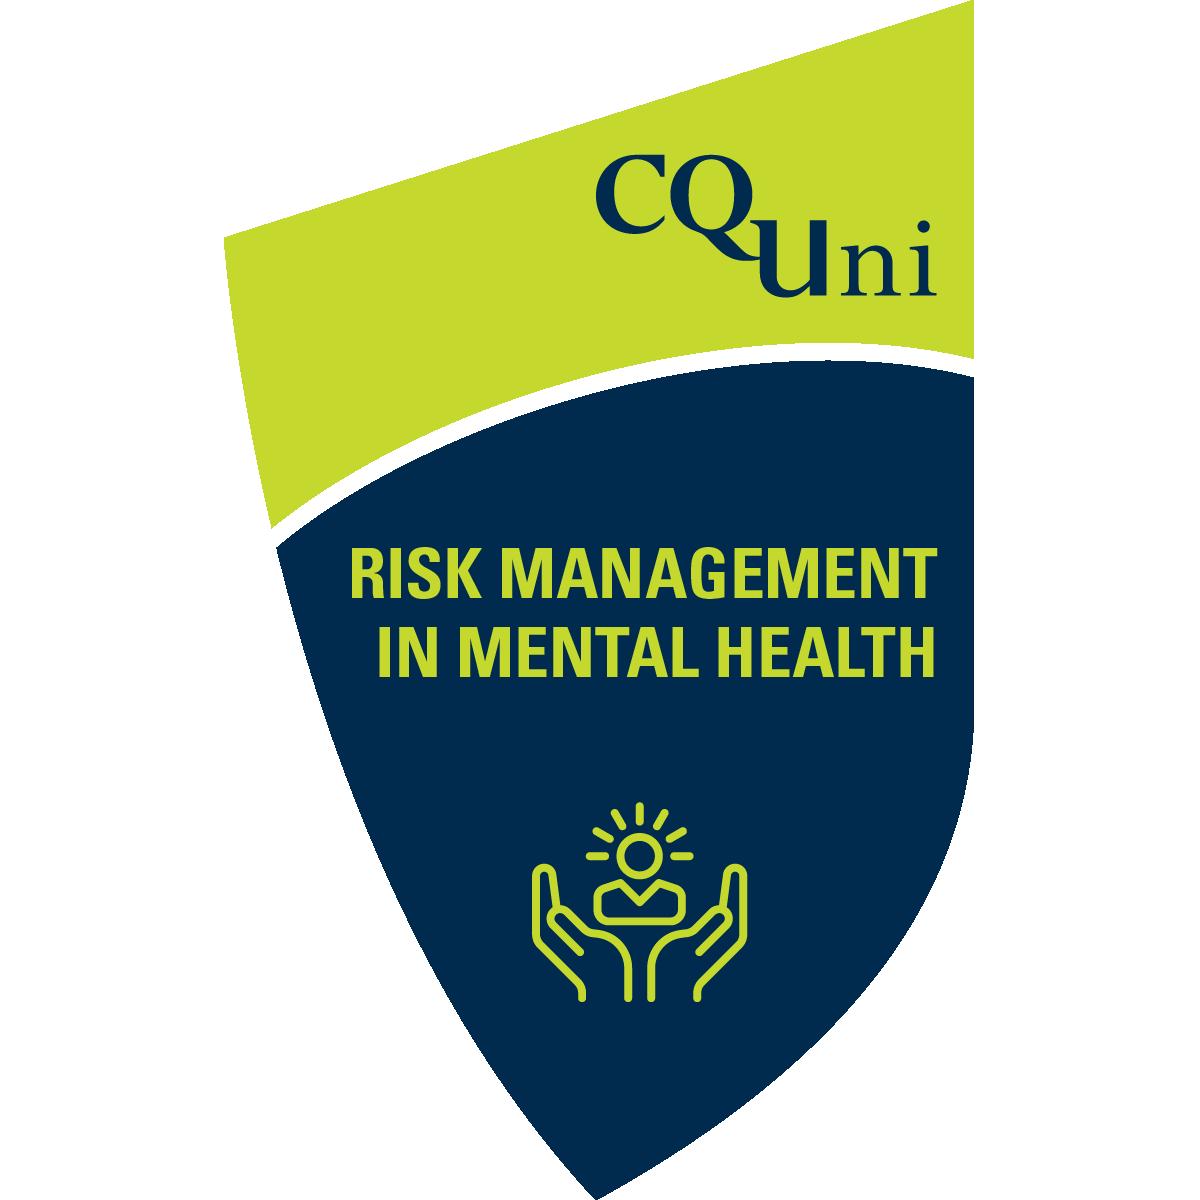 Risk Management in Mental Health